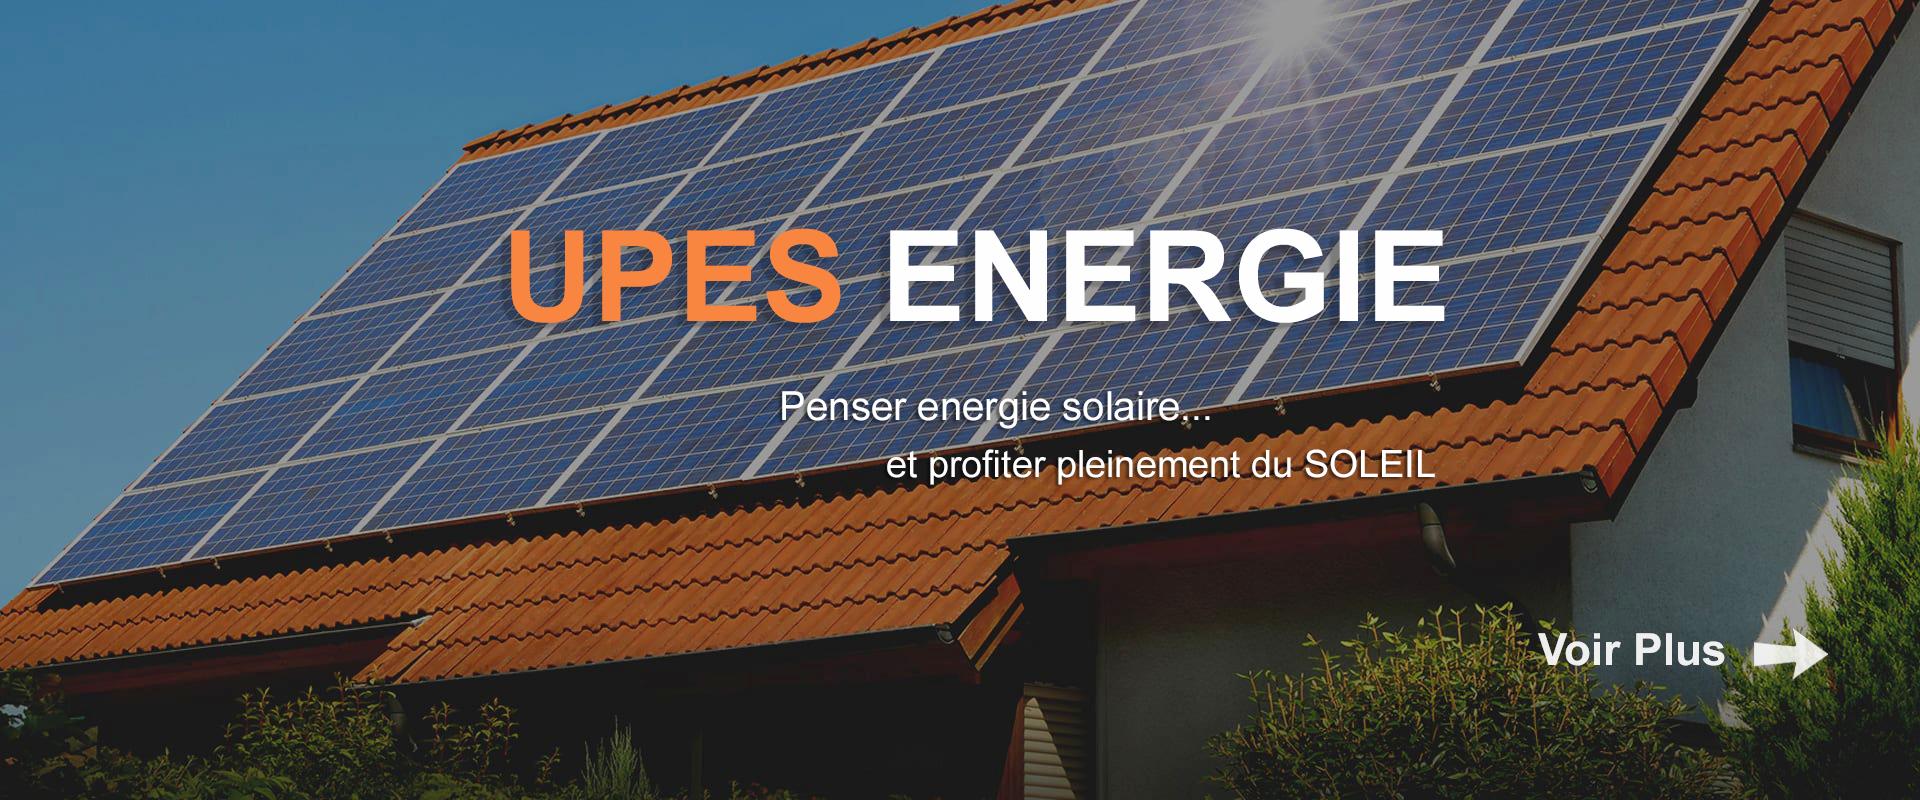 materiels energie solaire au maroc